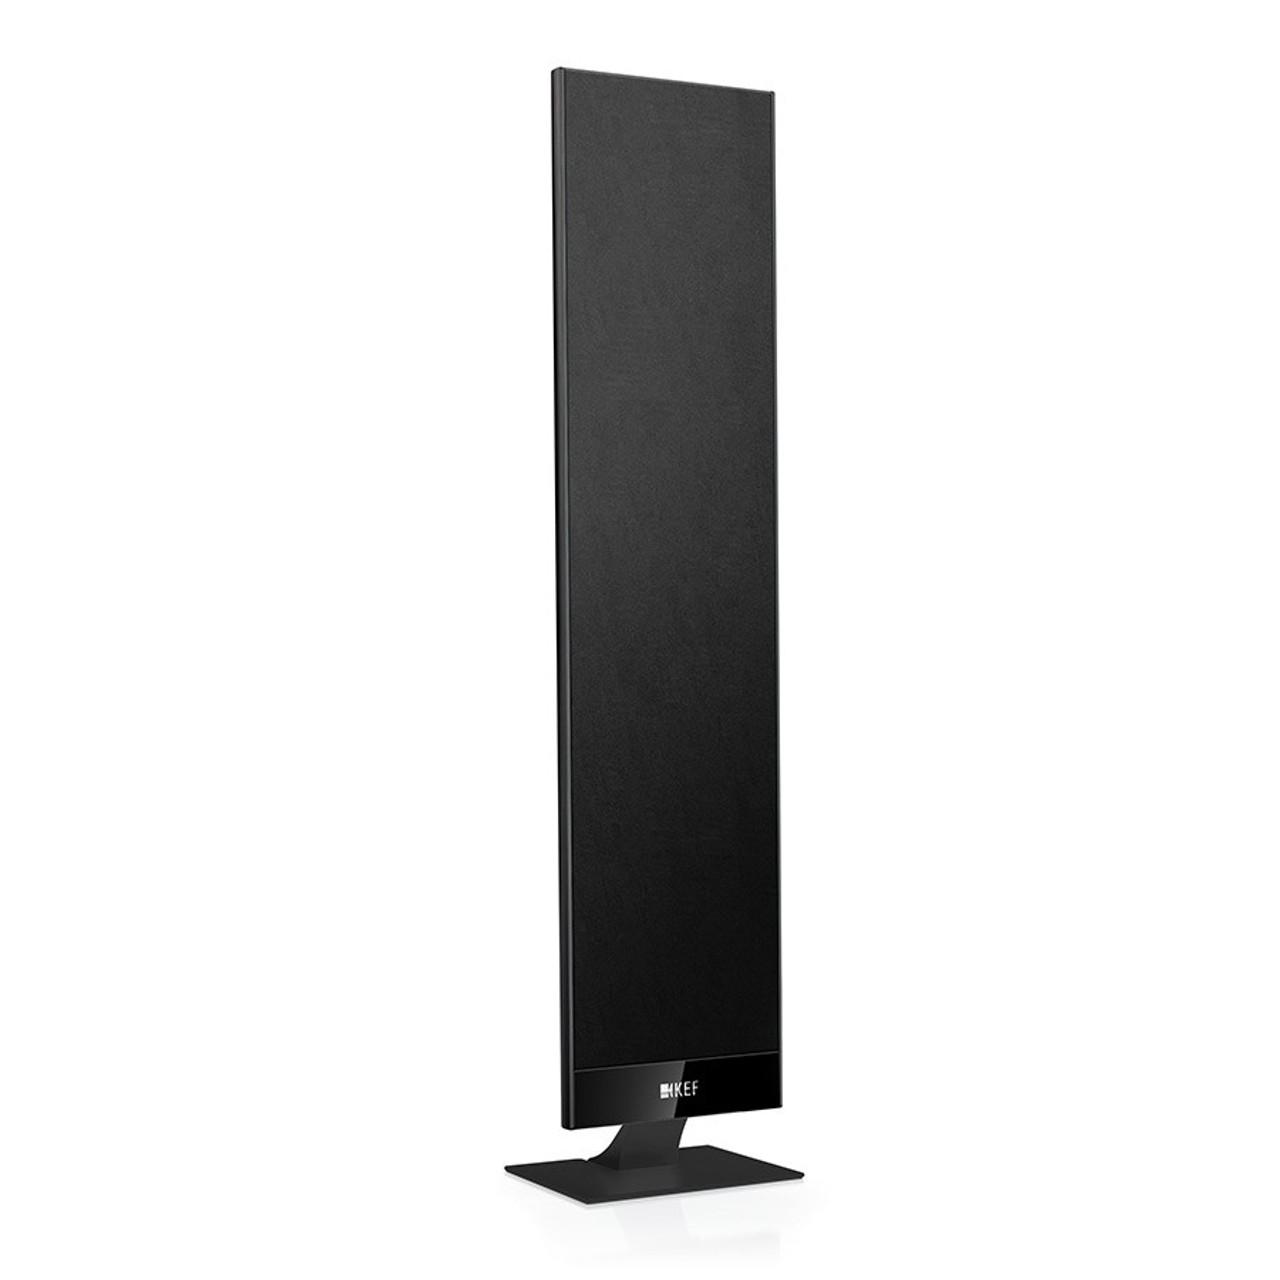 Kef T Series T205 Surround Sound System Av Australia Online